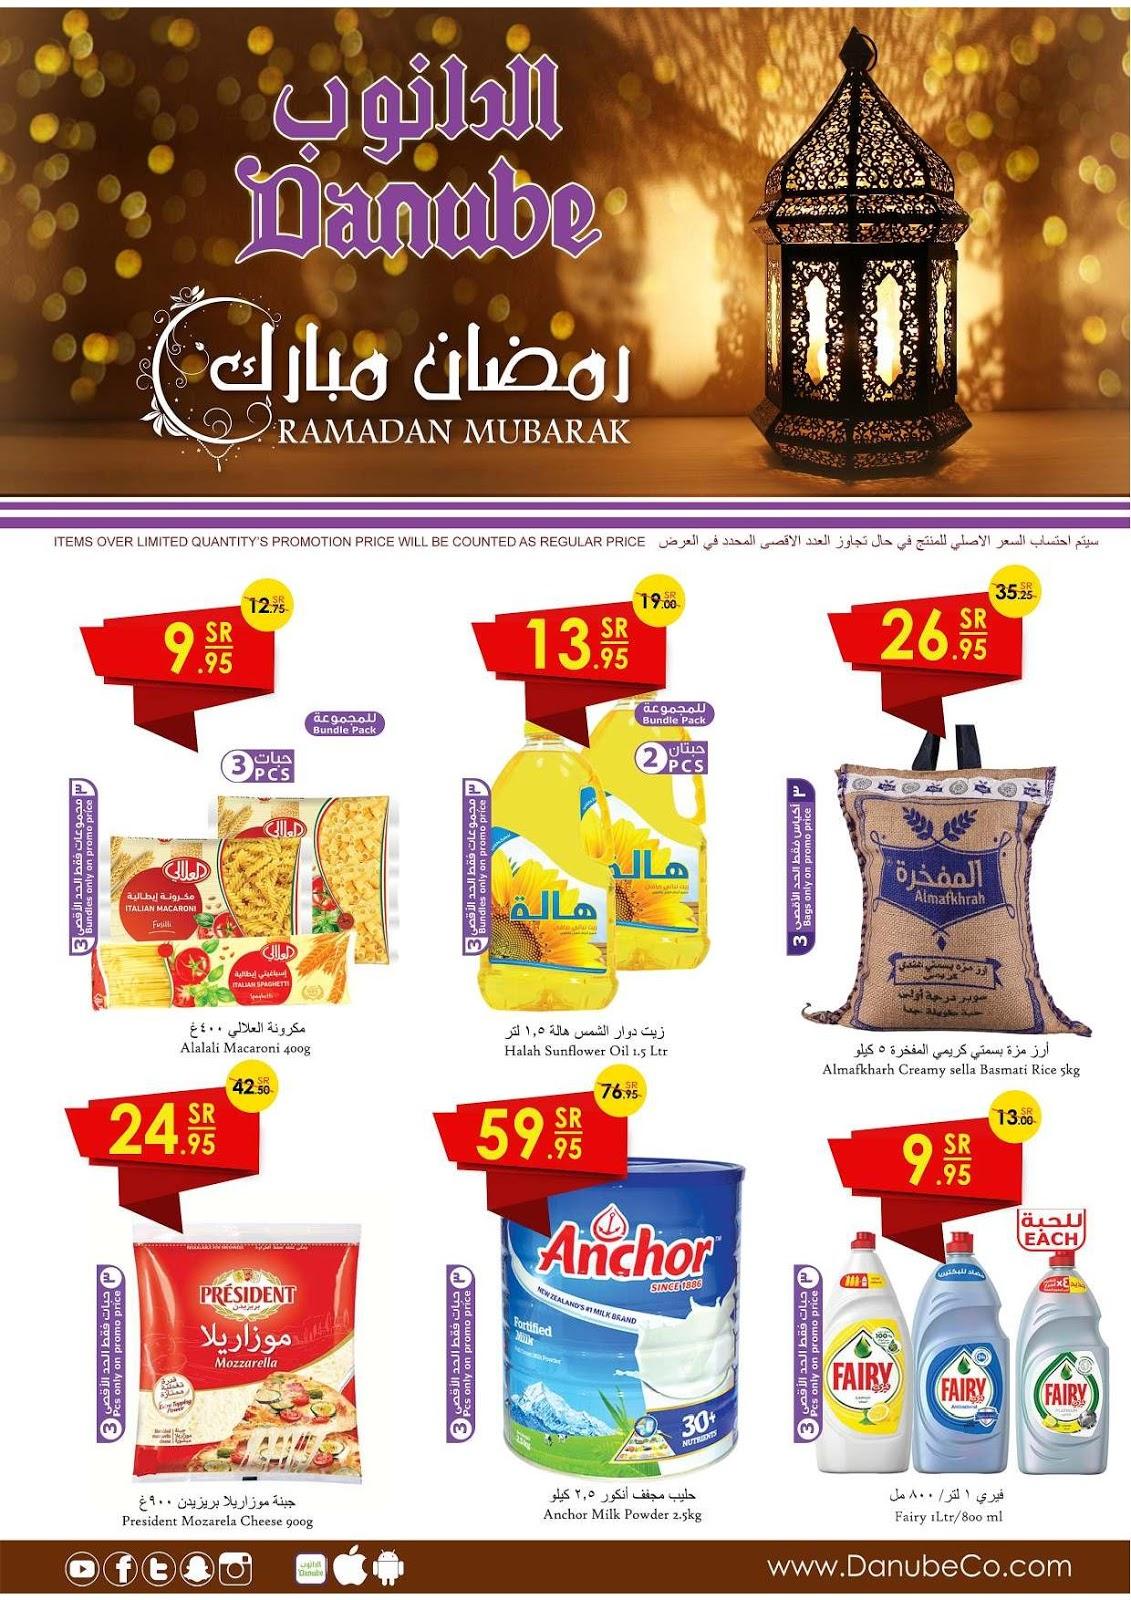 عروض الدانوب جدة الاسبوعية من 8 ابريل حتى 14 ابريل 2020 رمضان مبارك